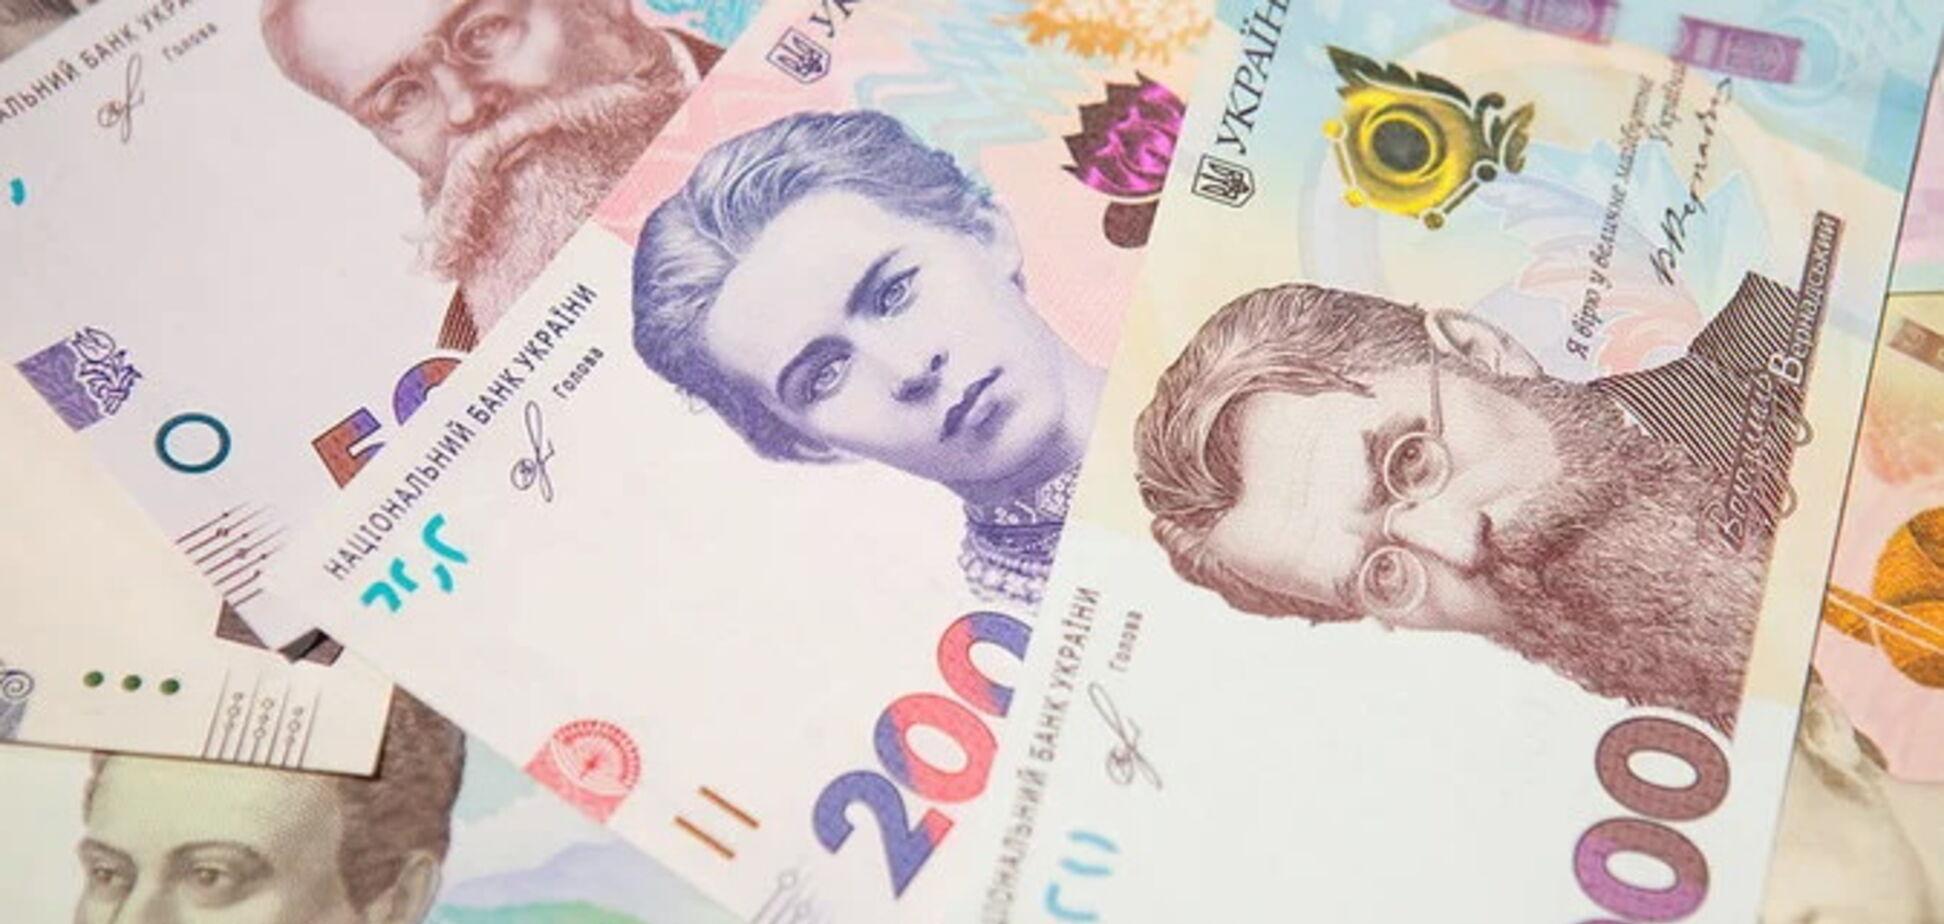 Нацбанк Украины выпустит новую банкноту номиналом 1000 гривен